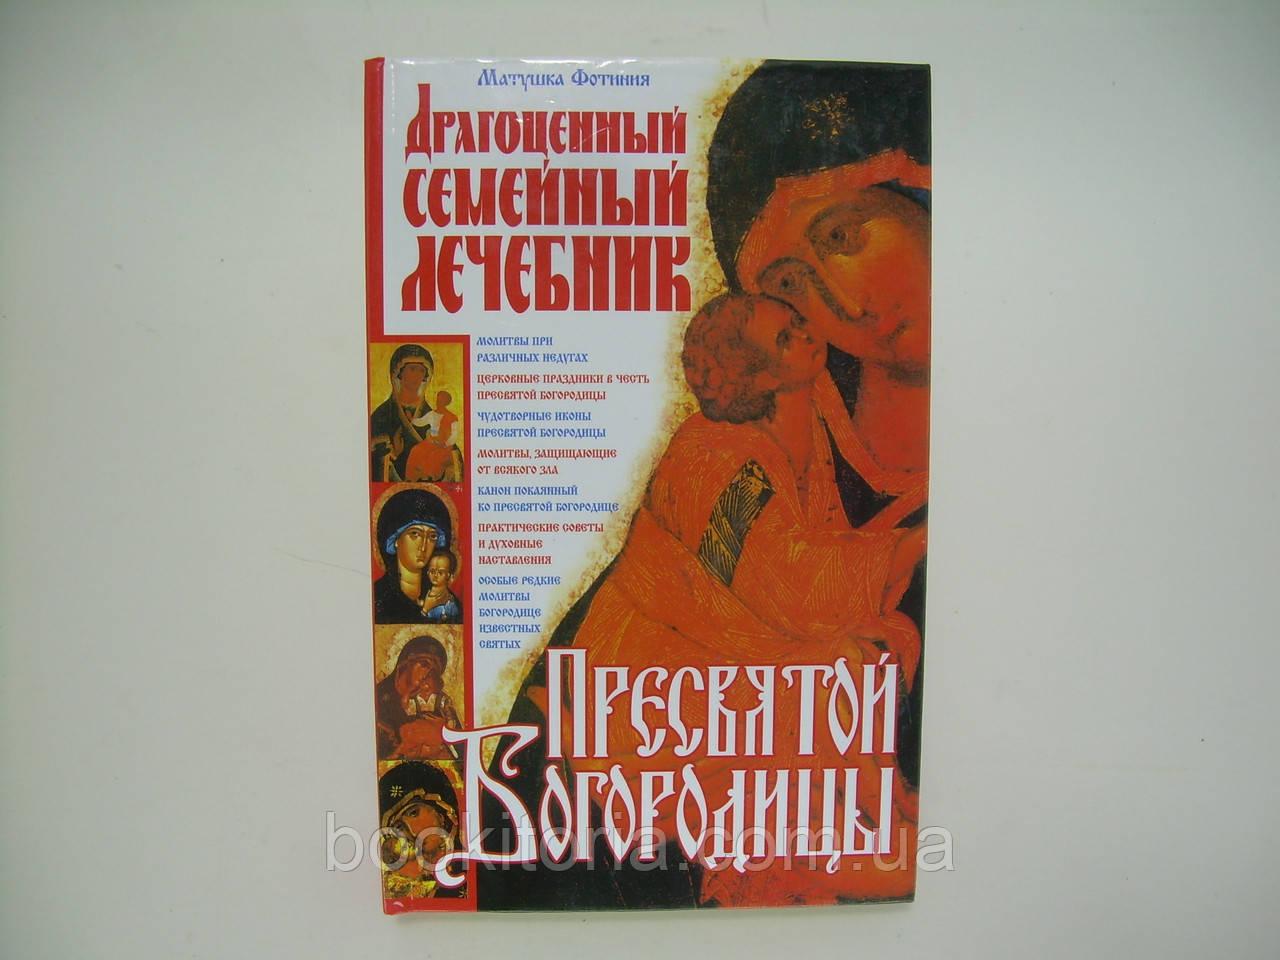 Матушка Фотиния. Драгоценный семейный лечебник Пресвятой Богородицы (б/у).